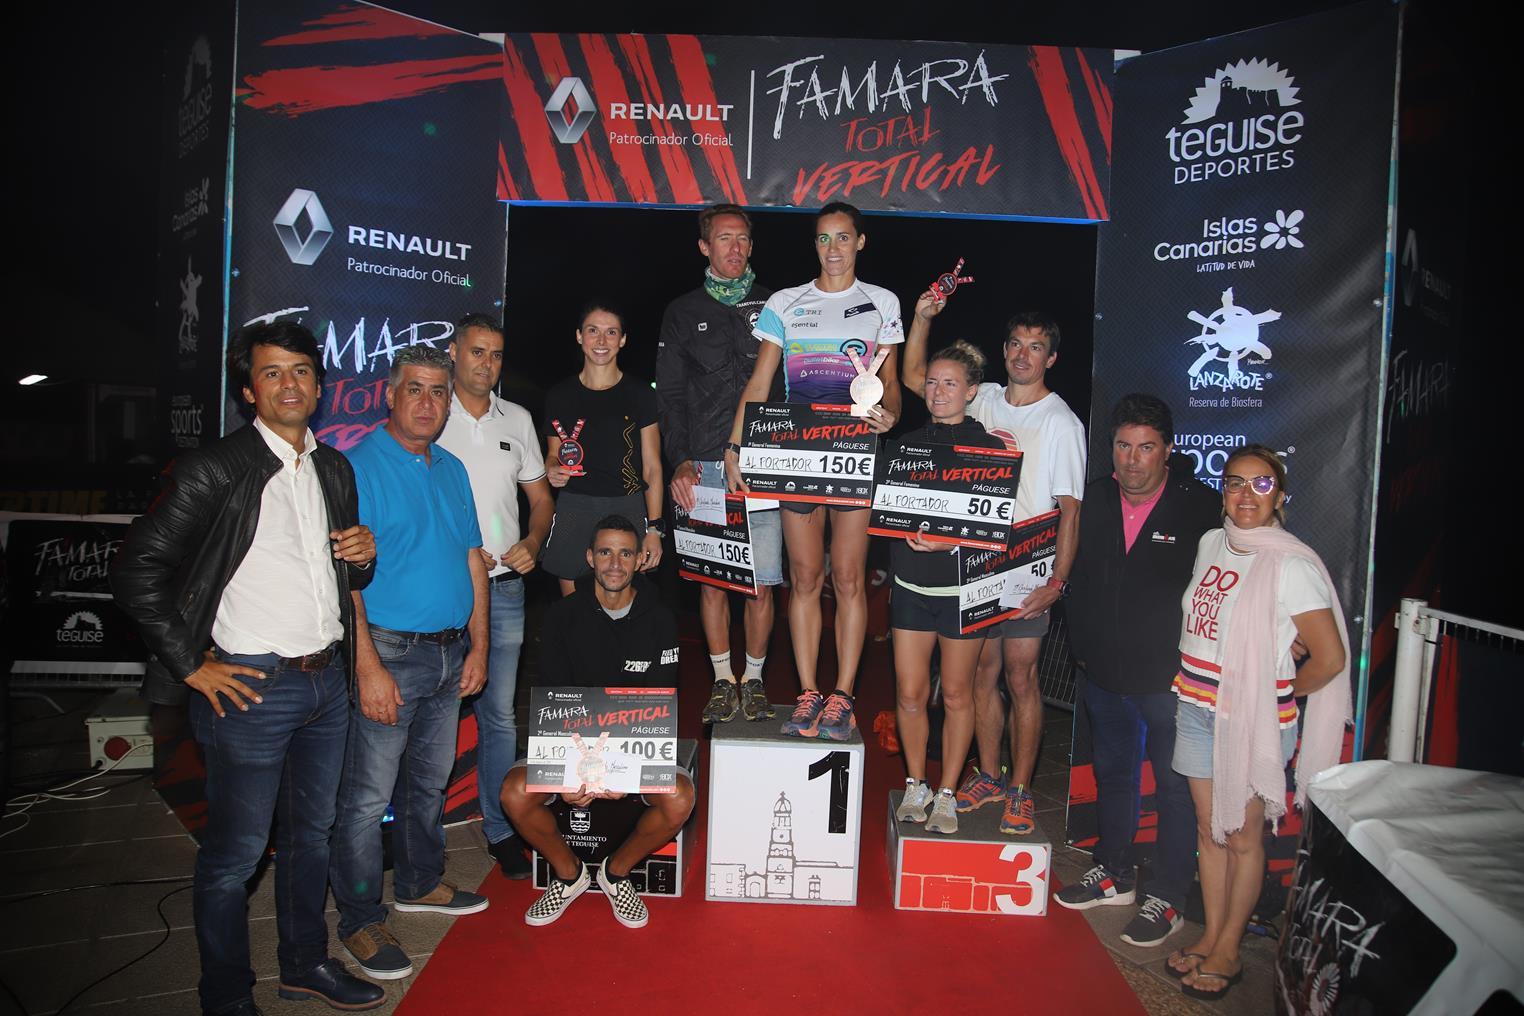 Leon Drajer y Rut Brito, ganadores de la III Renault Vertical Famara Total